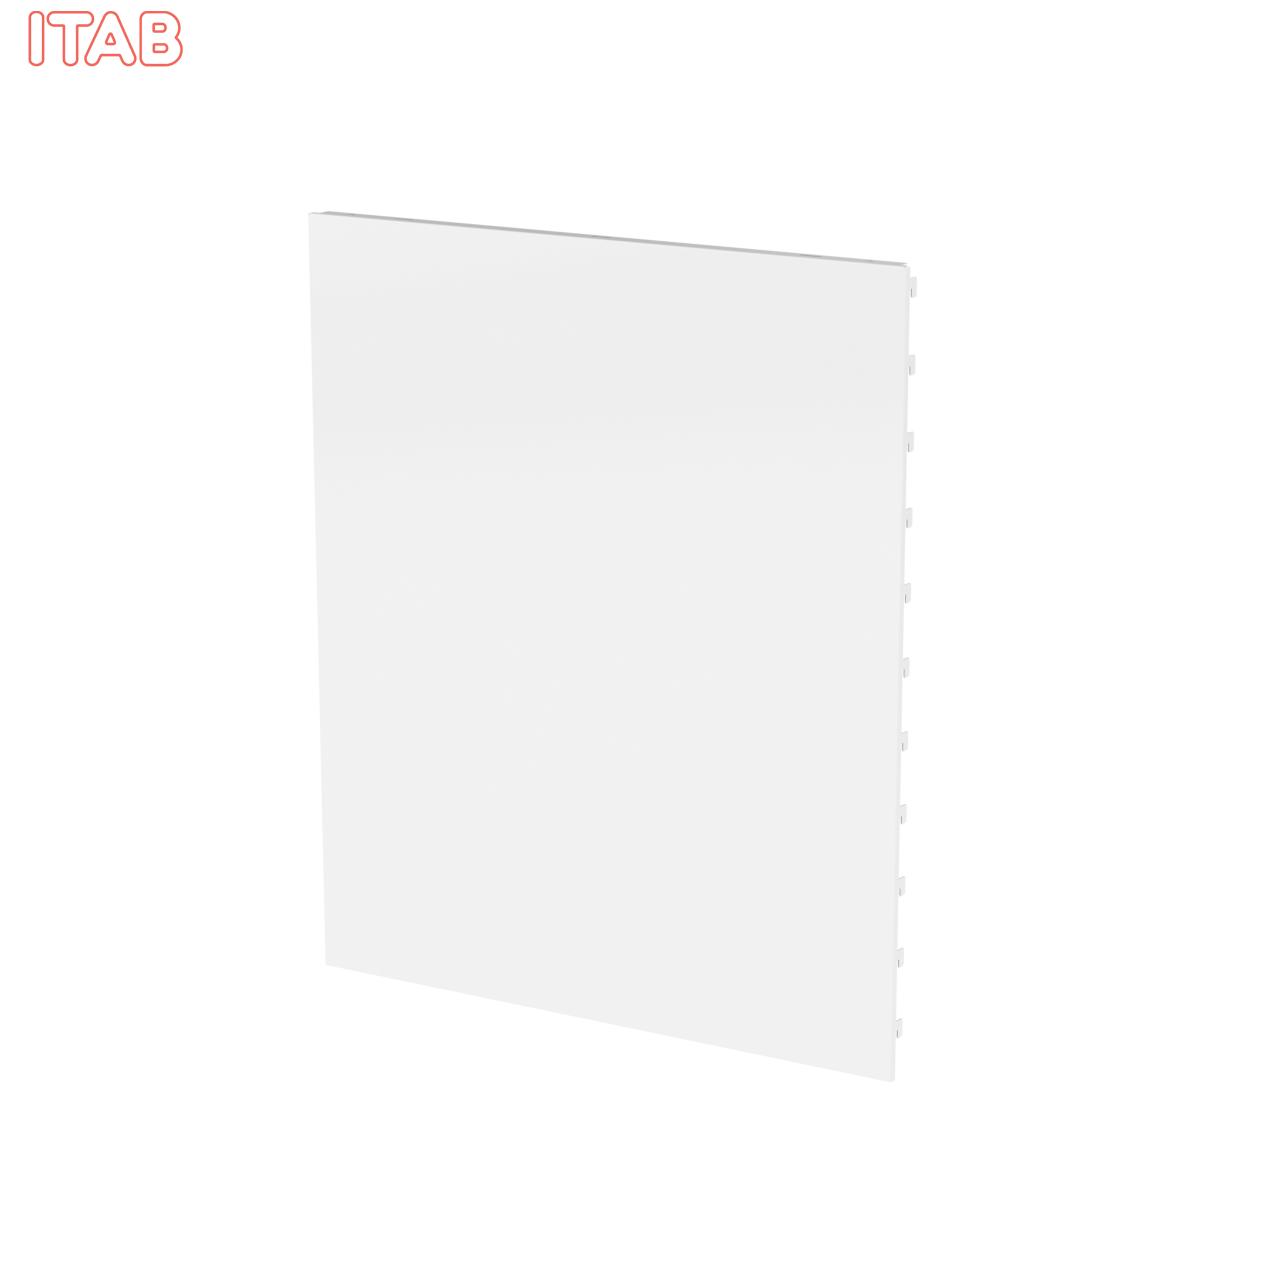 Terästausta 60x70